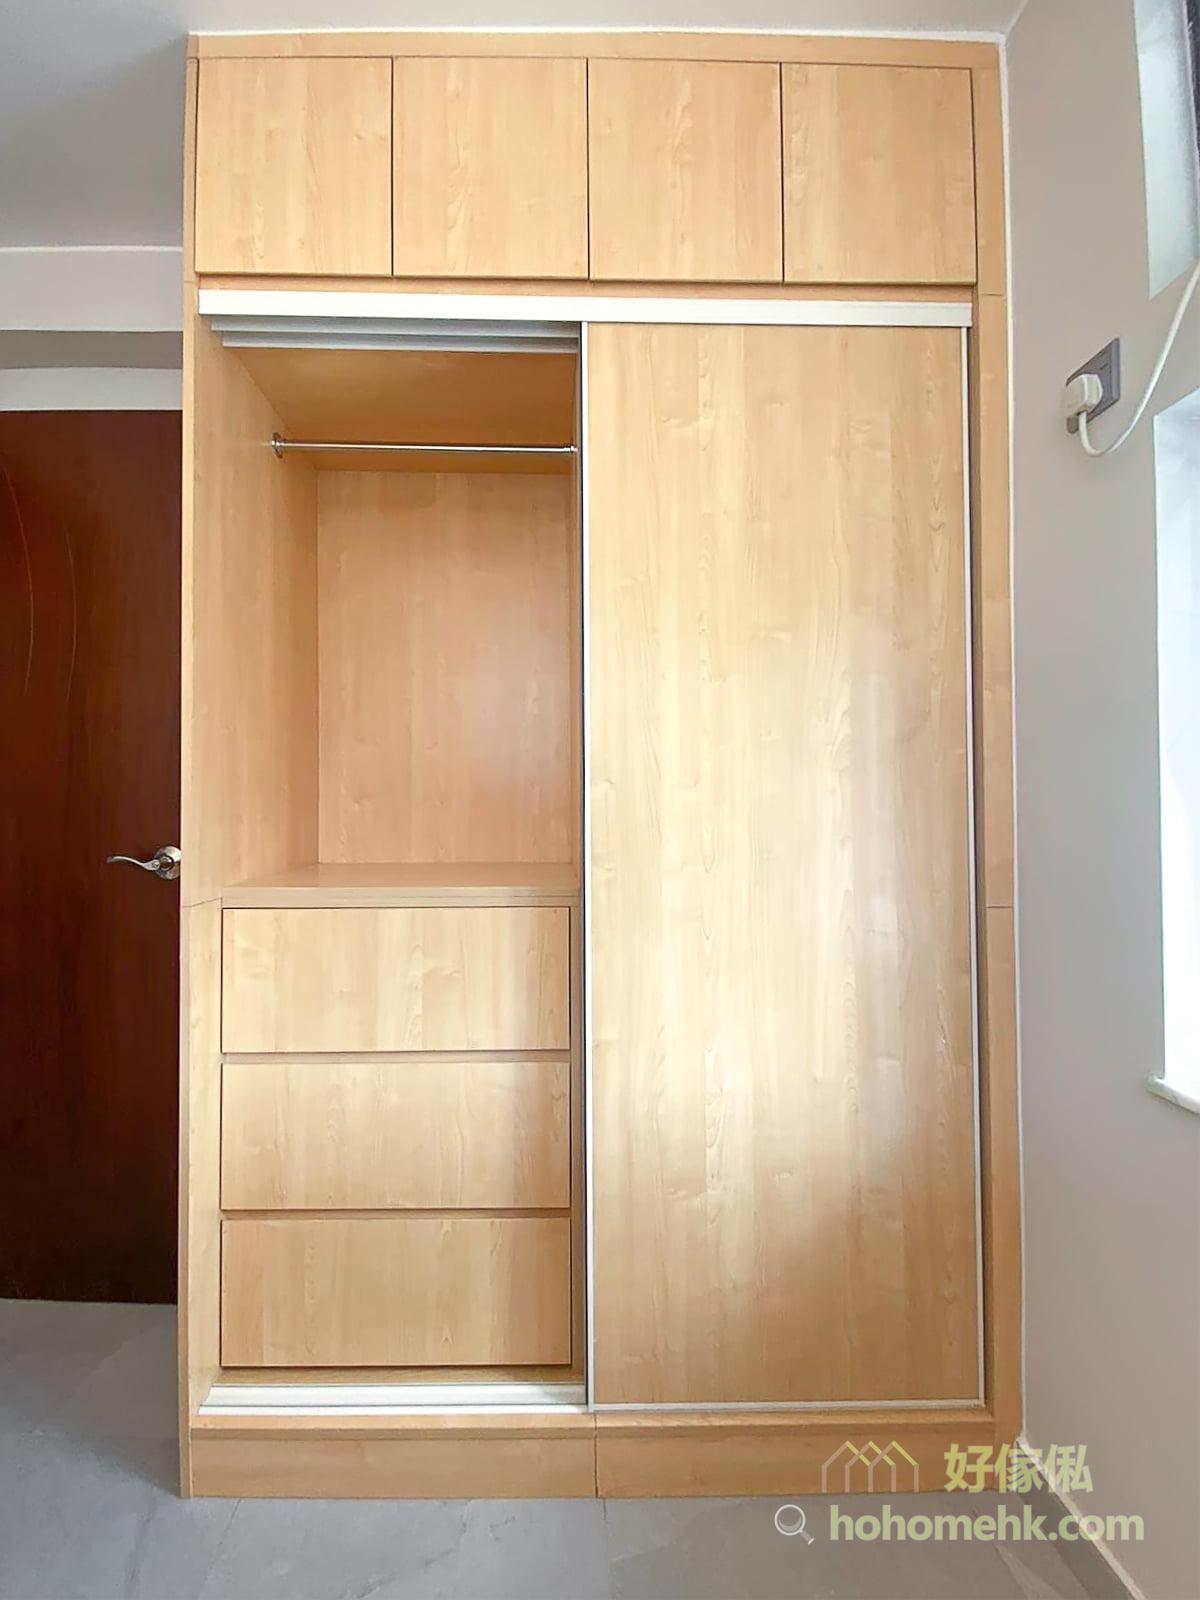 單色衣櫃設計,可令整體的視覺效果更俐落簡潔,特別適合喜歡樸素和不愛太多色彩的人